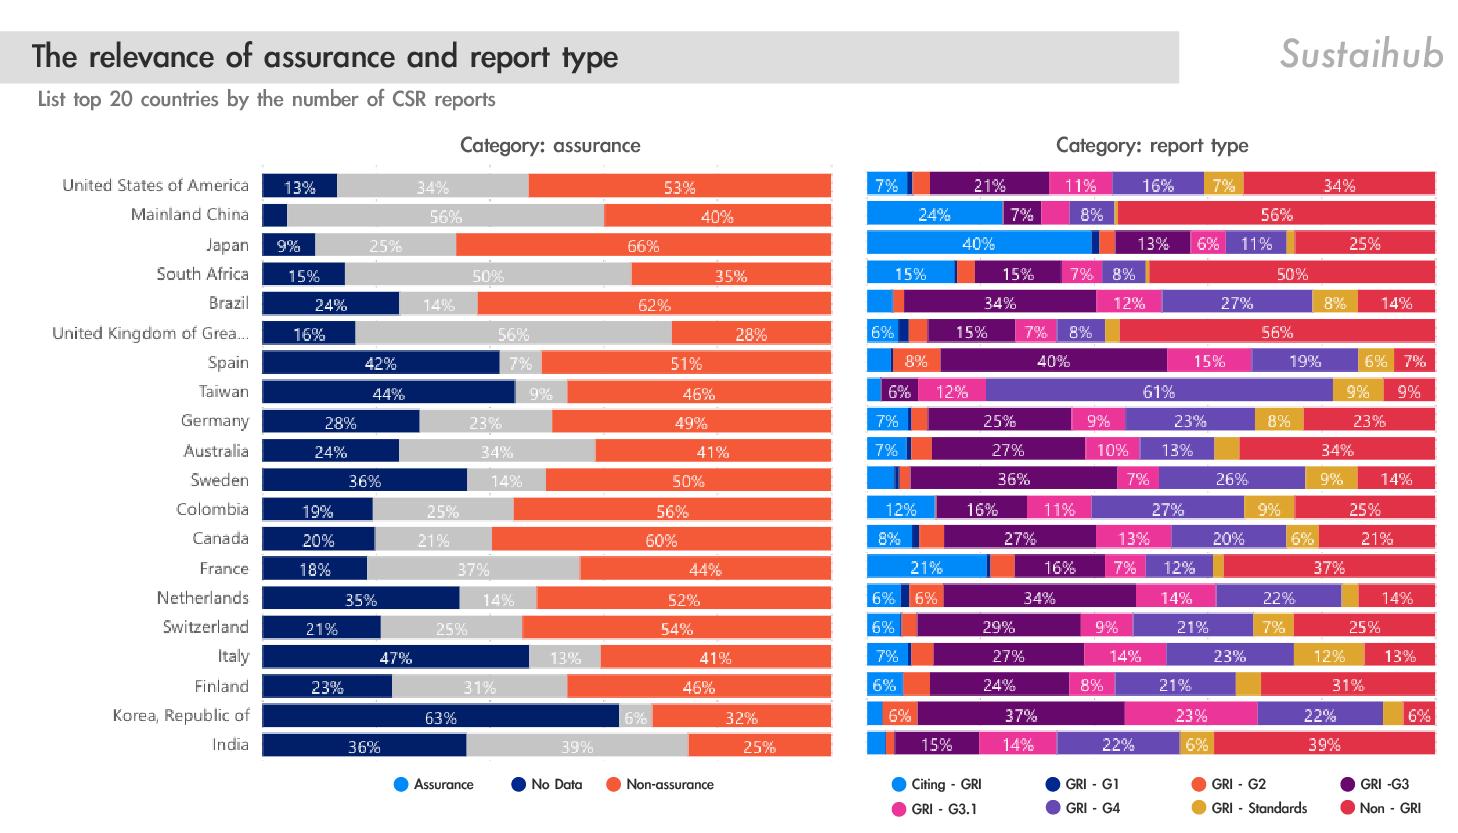 保證確信比例與報告框架的關聯性 The relevance of assurance and report type